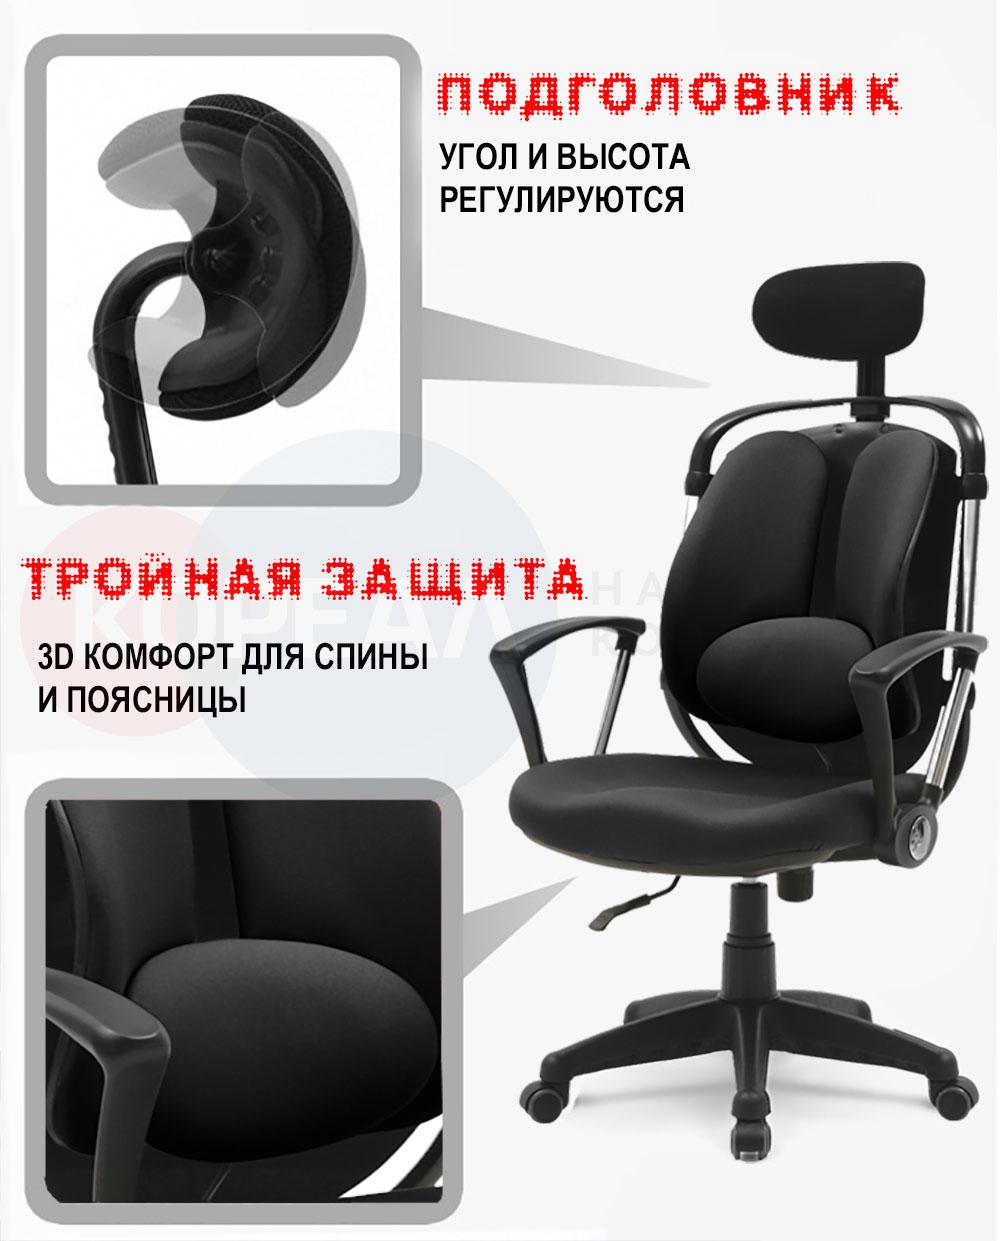 особенность ортопедического кресла с защитой спины